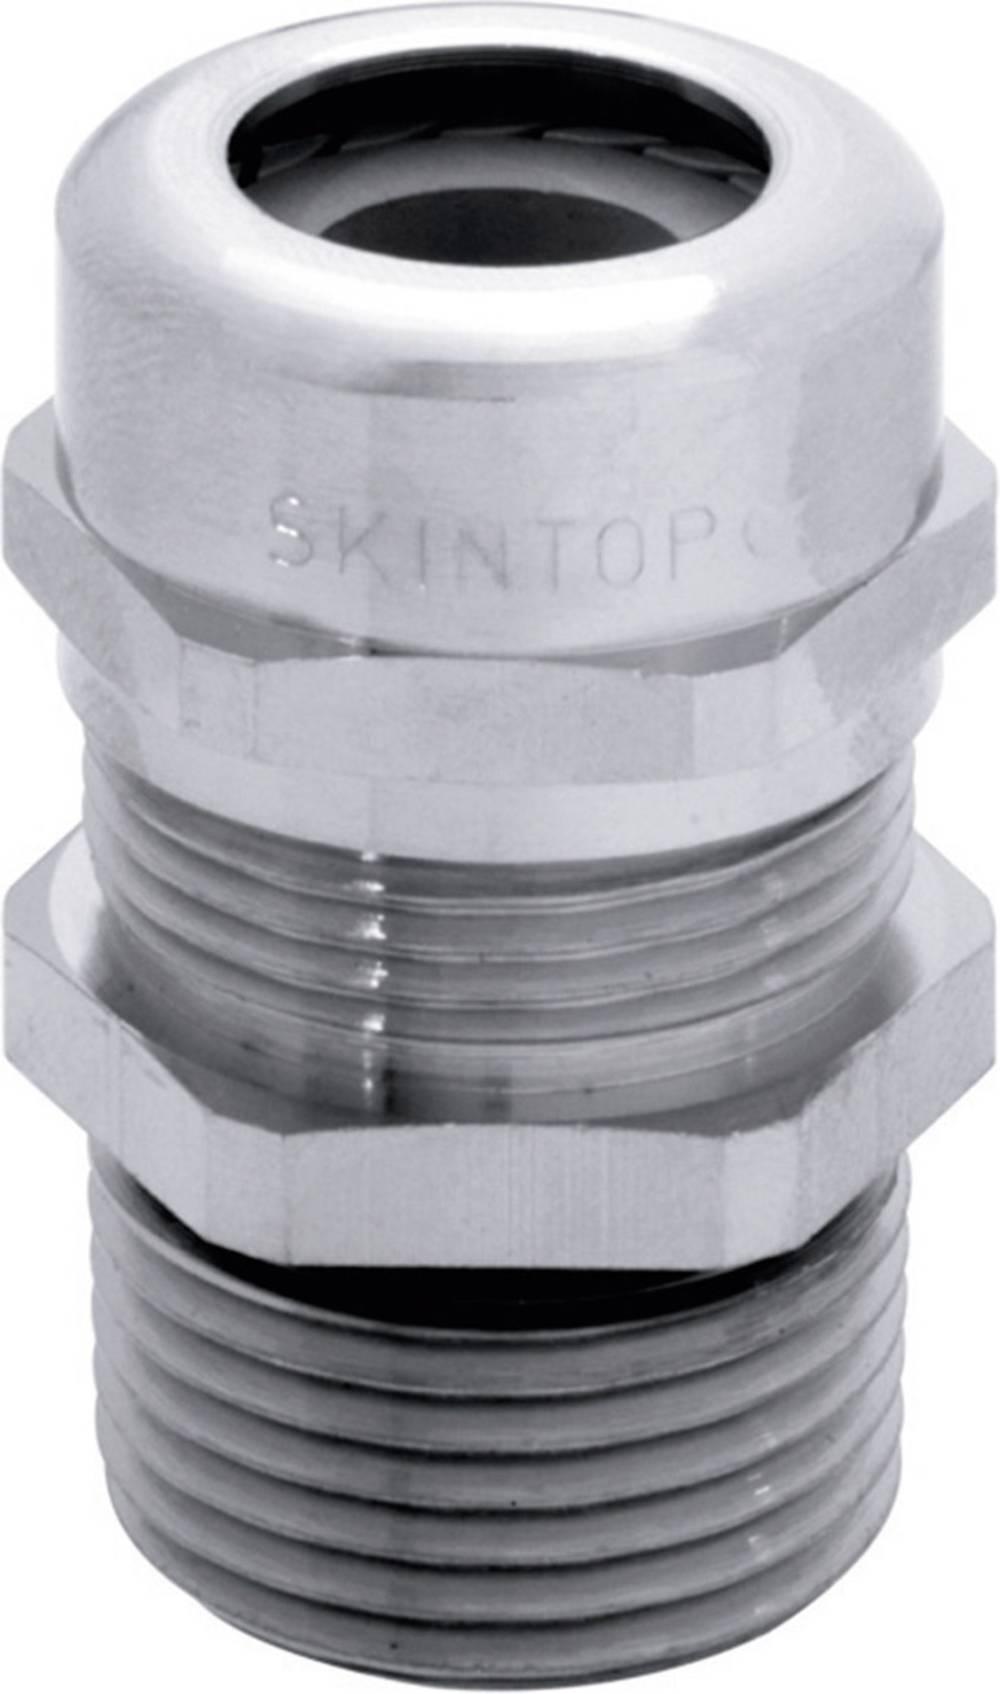 Kabelski navojni konektor SKINTOP MSR-NPT 1 1/4 LappKabel od mjeda, prirodna boja 10 komada